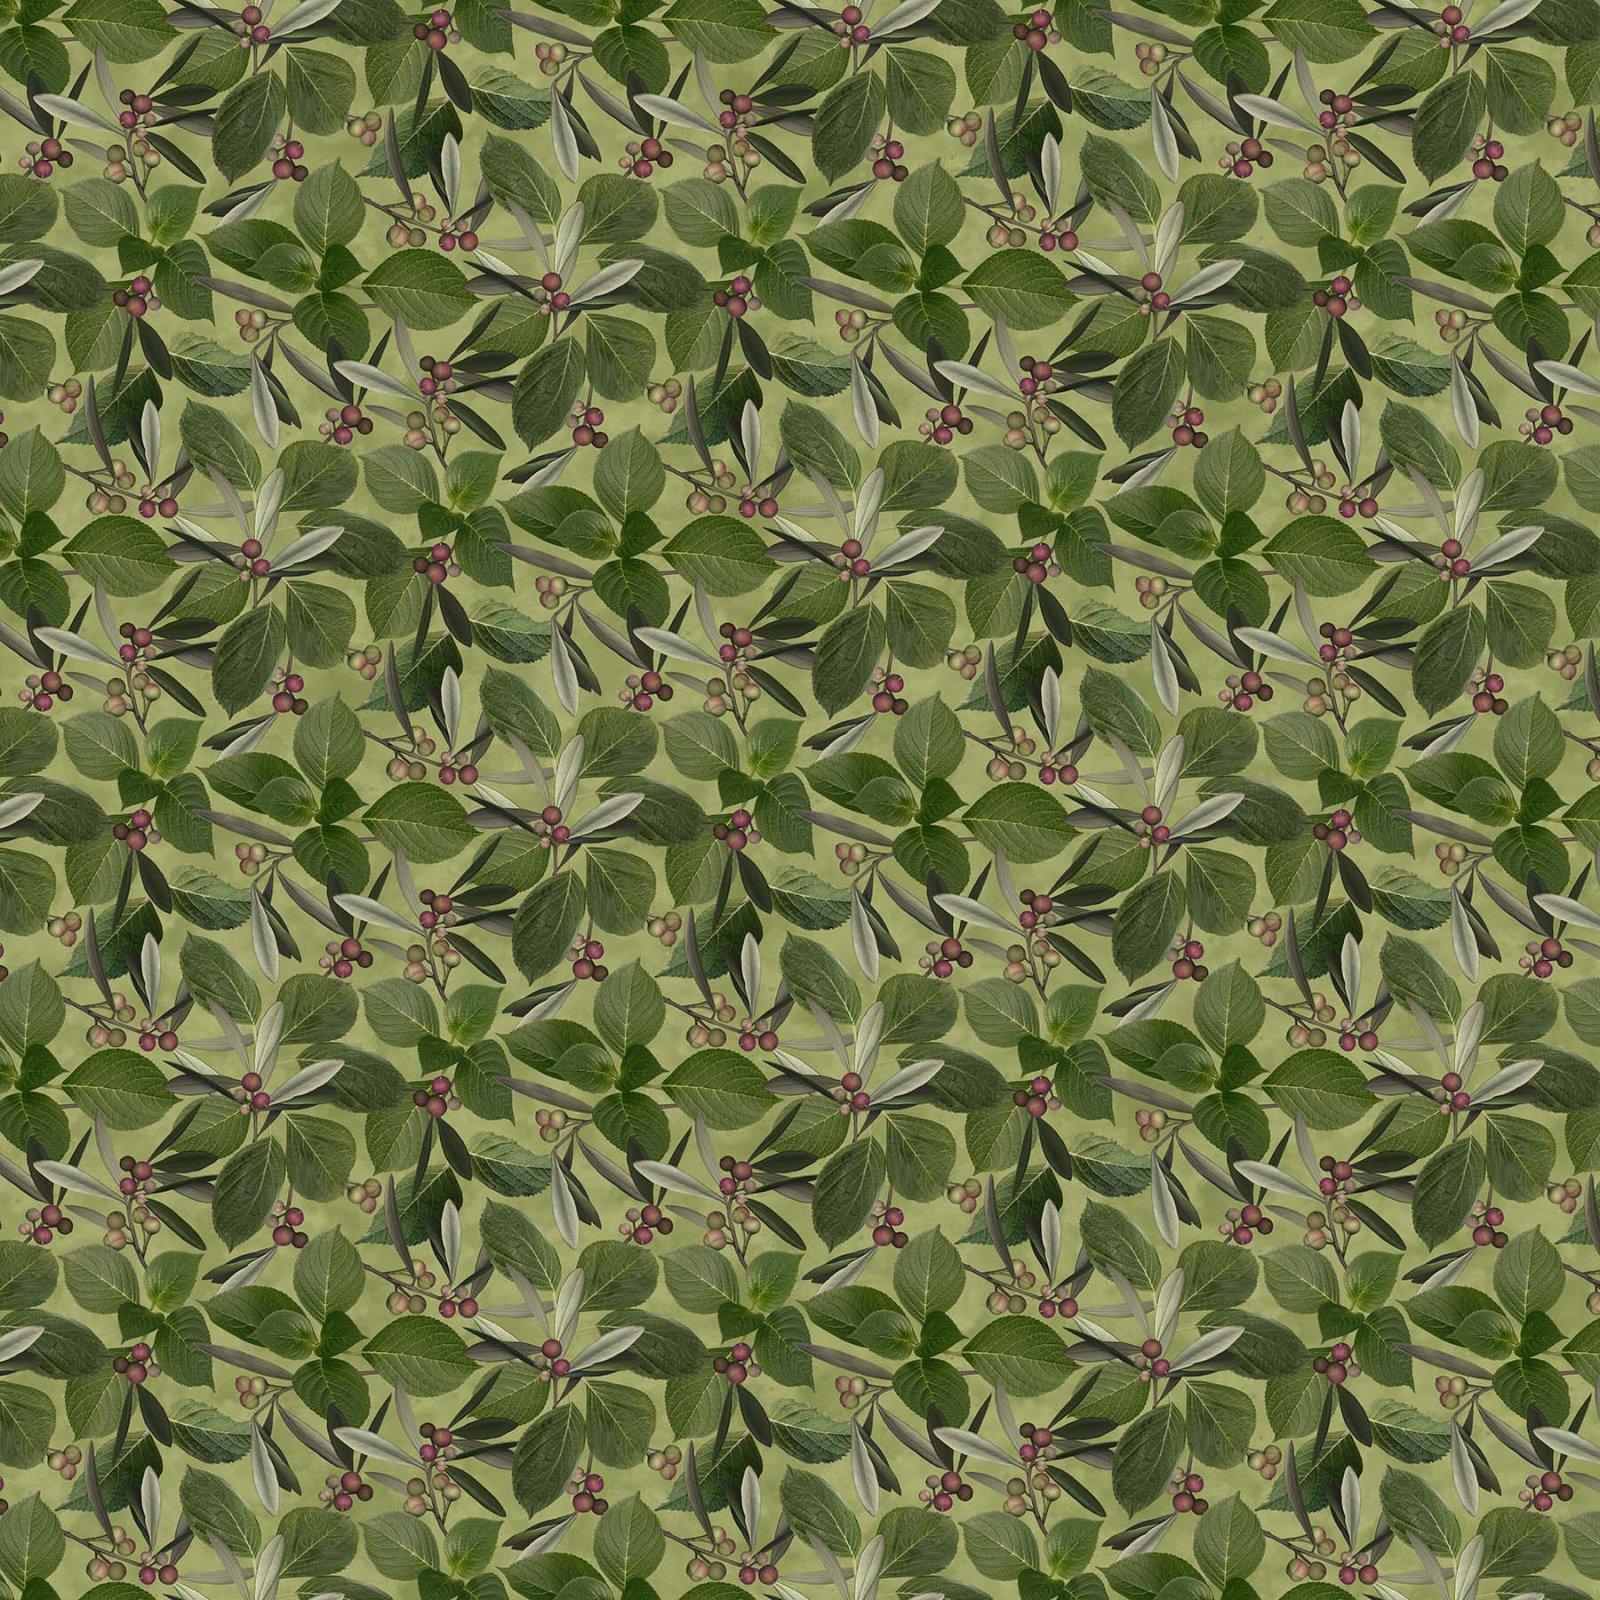 HARLOW GREEN MULTI DP23598-72